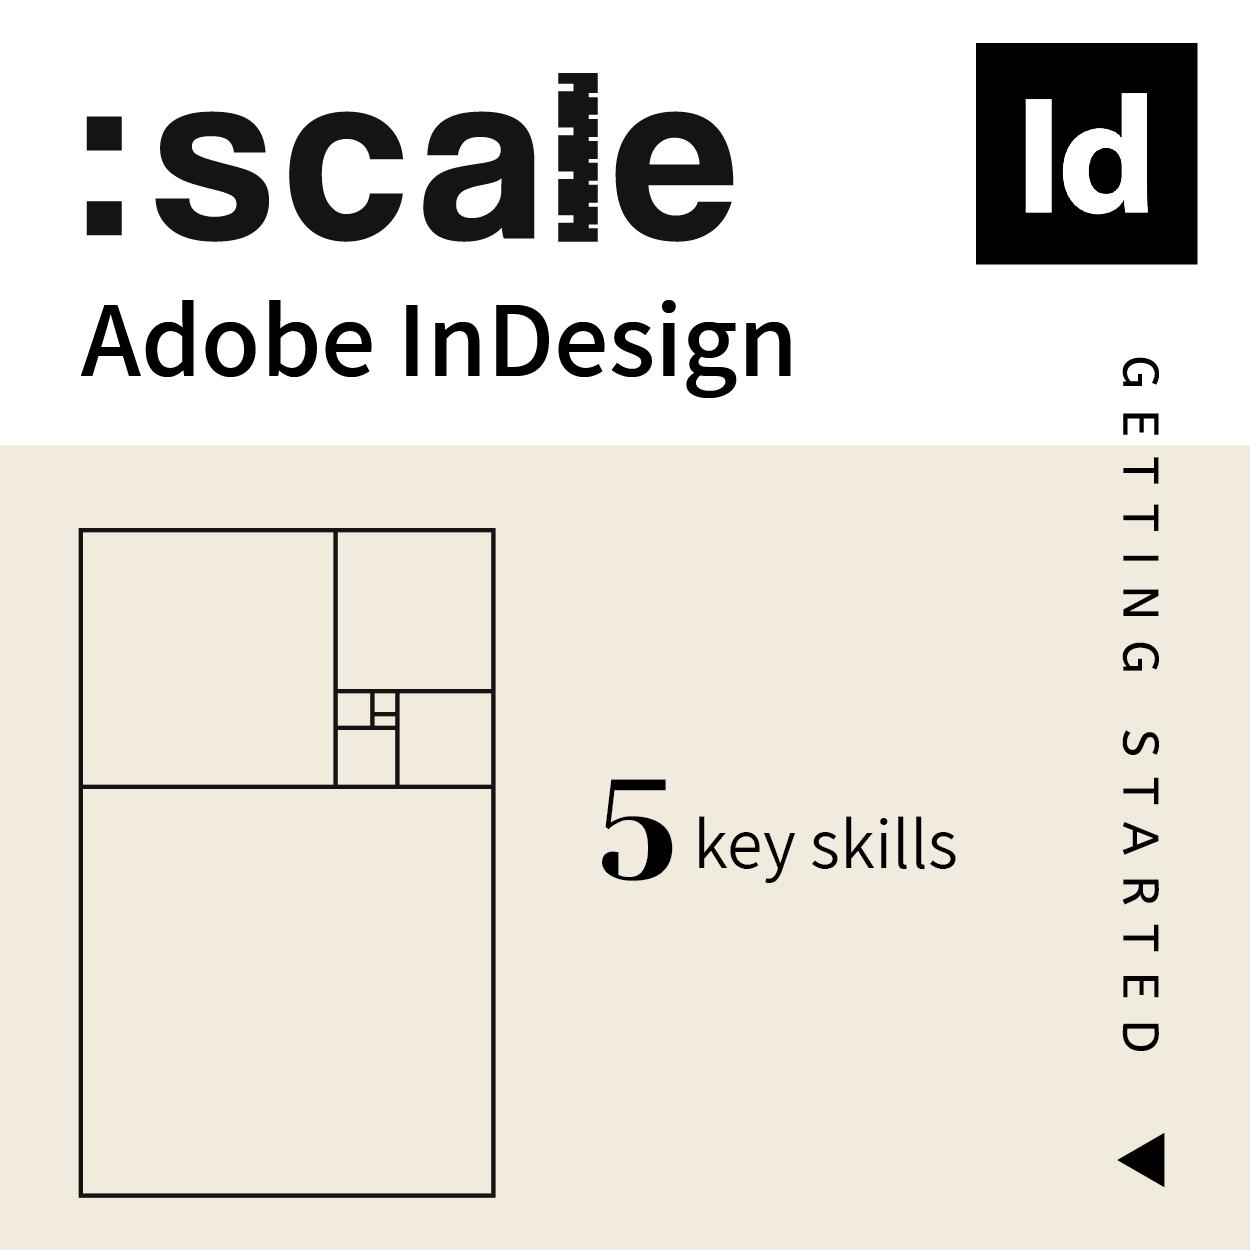 GS_AdobeInDesign-01-01